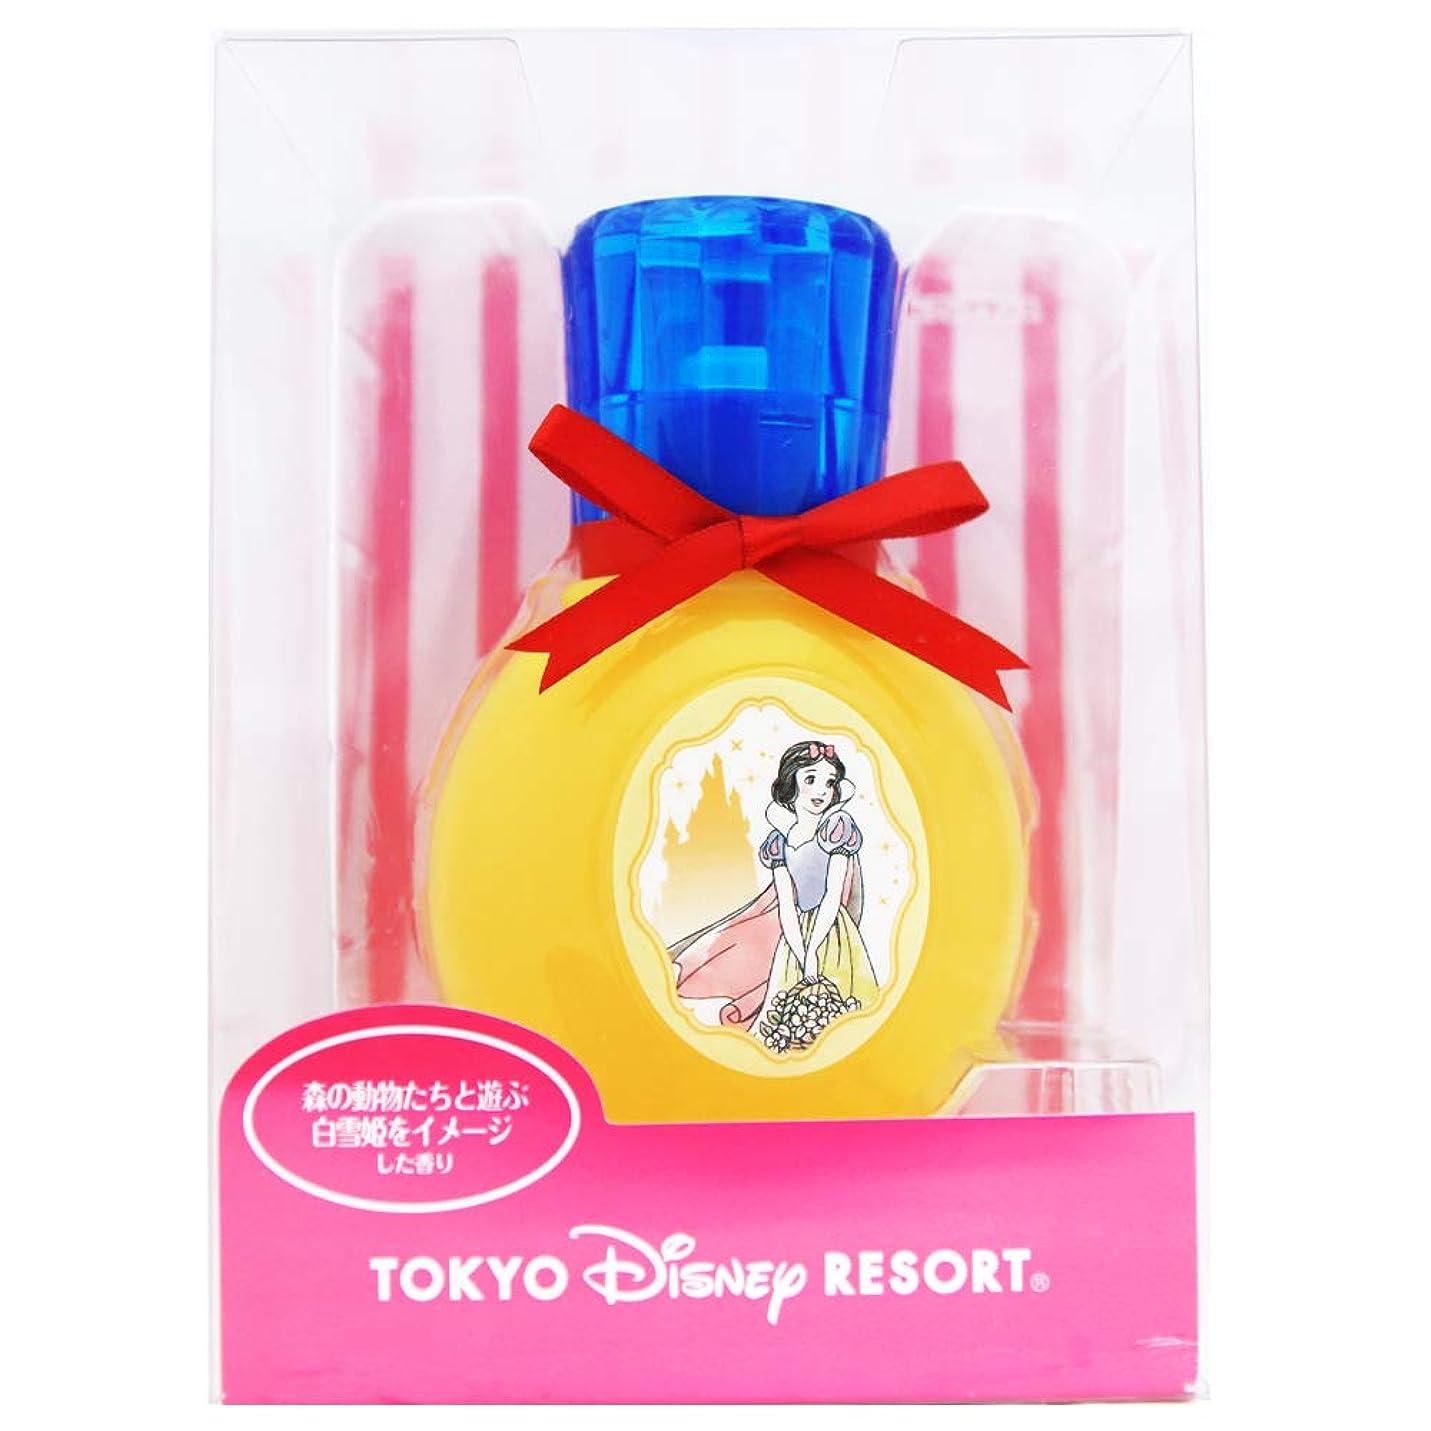 ルームフレグランス ( 白雪姫 ) 森の動物たちと遊ぶ白雪姫をイメージした香り ディズニー プリンセス グッズ 部屋 ルーム 芳香剤 リゾート限定